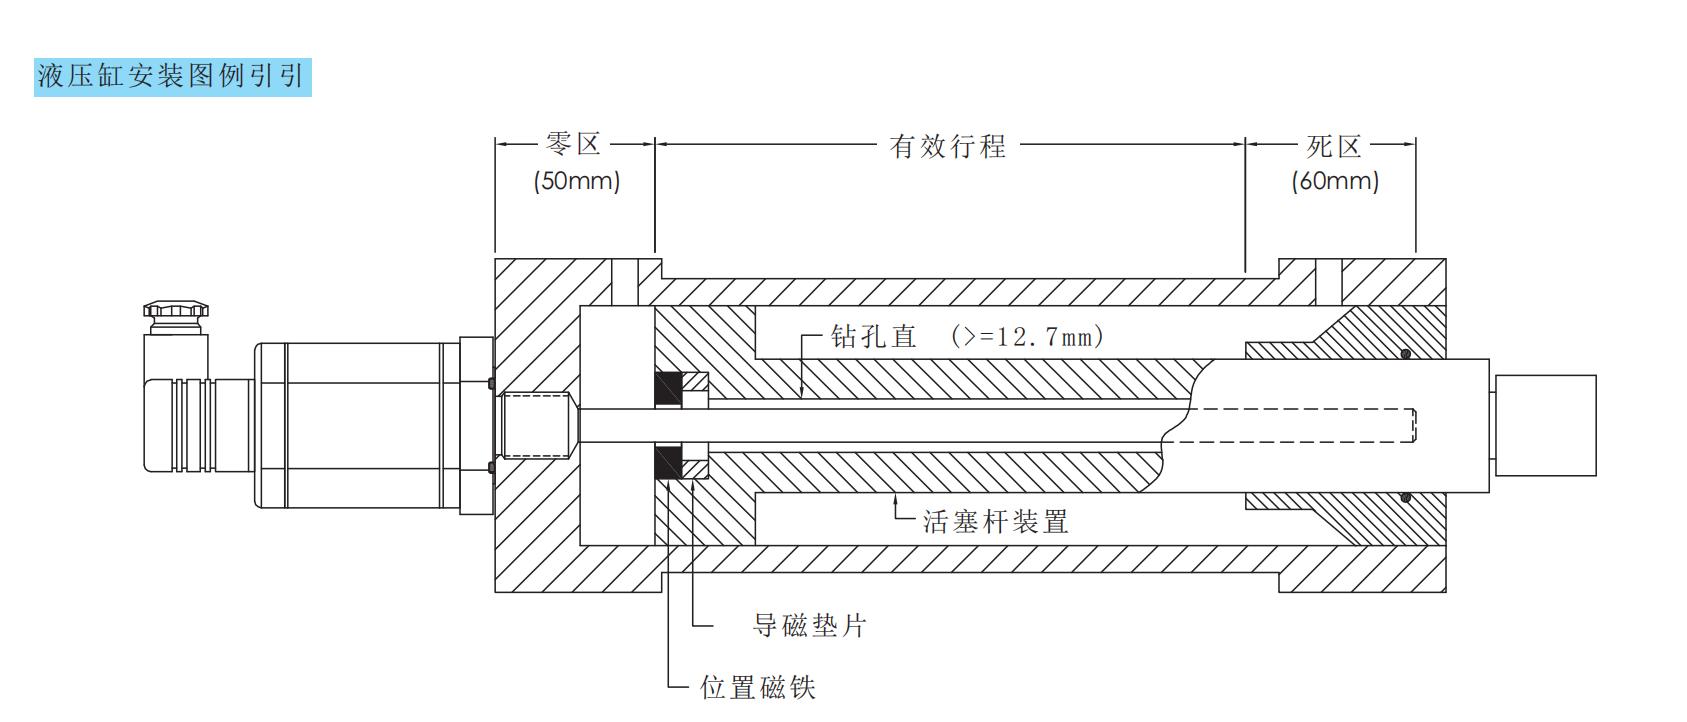 内置油缸磁致伸缩位移传感器装置表示图